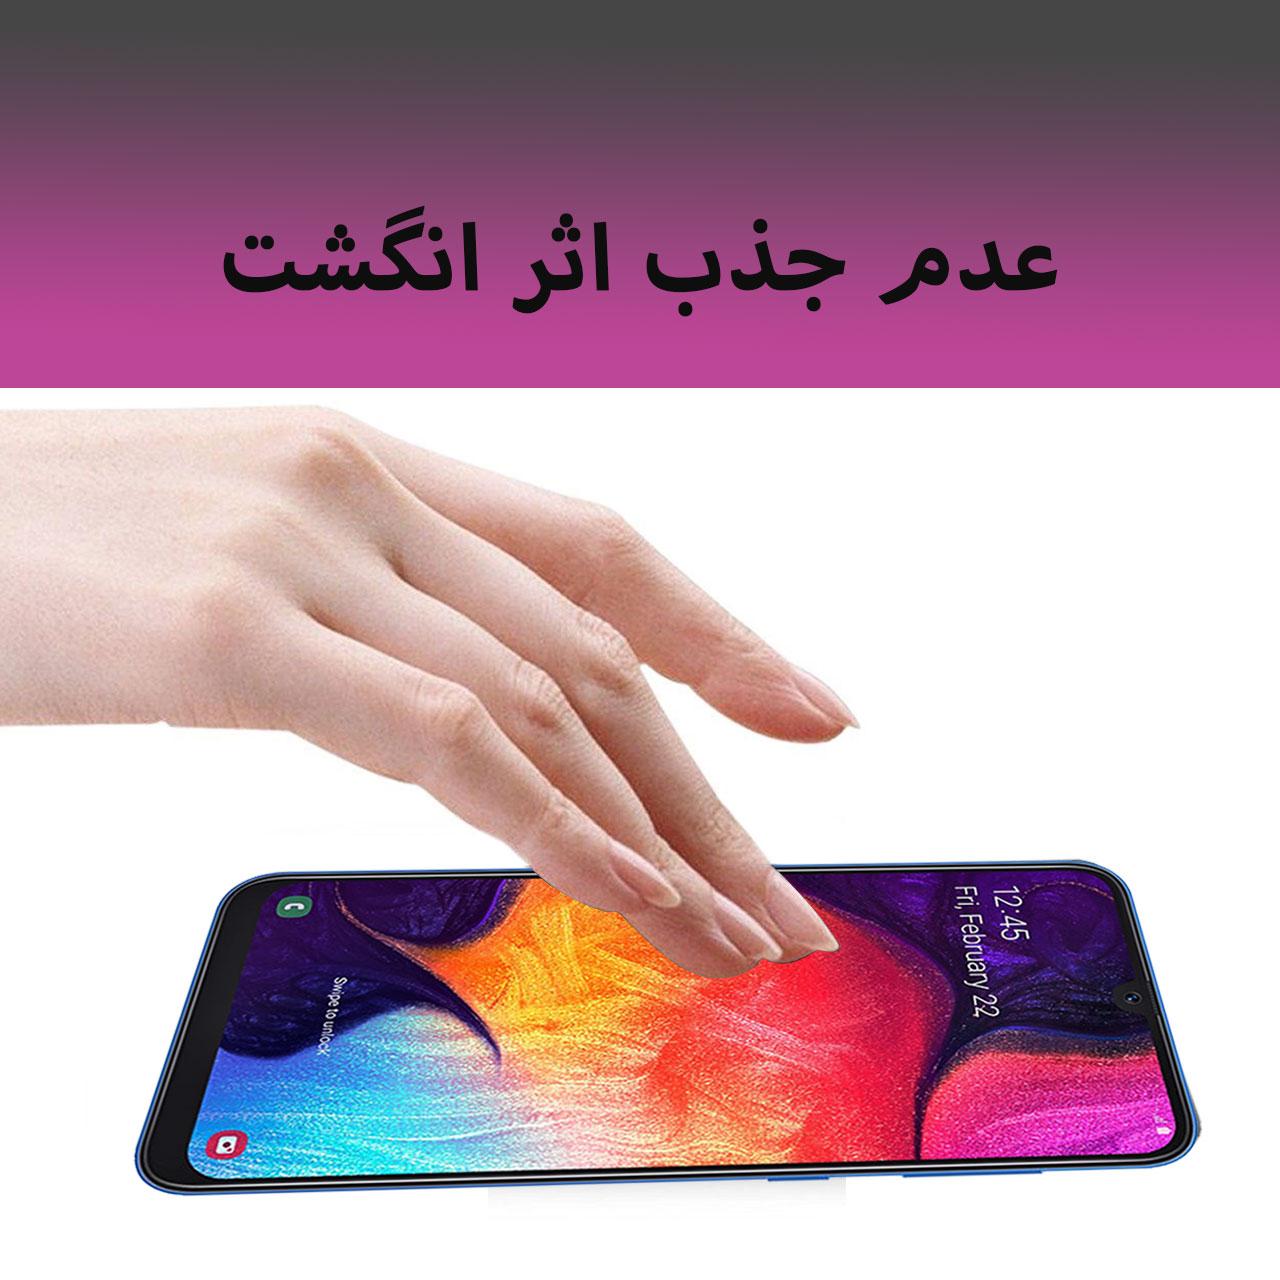 محافظ صفحه نمایش 5D لایونکس مدل USS مناسب برای گوشی موبایل سامسونگ Galaxy A50 بسته دو عددی main 1 4